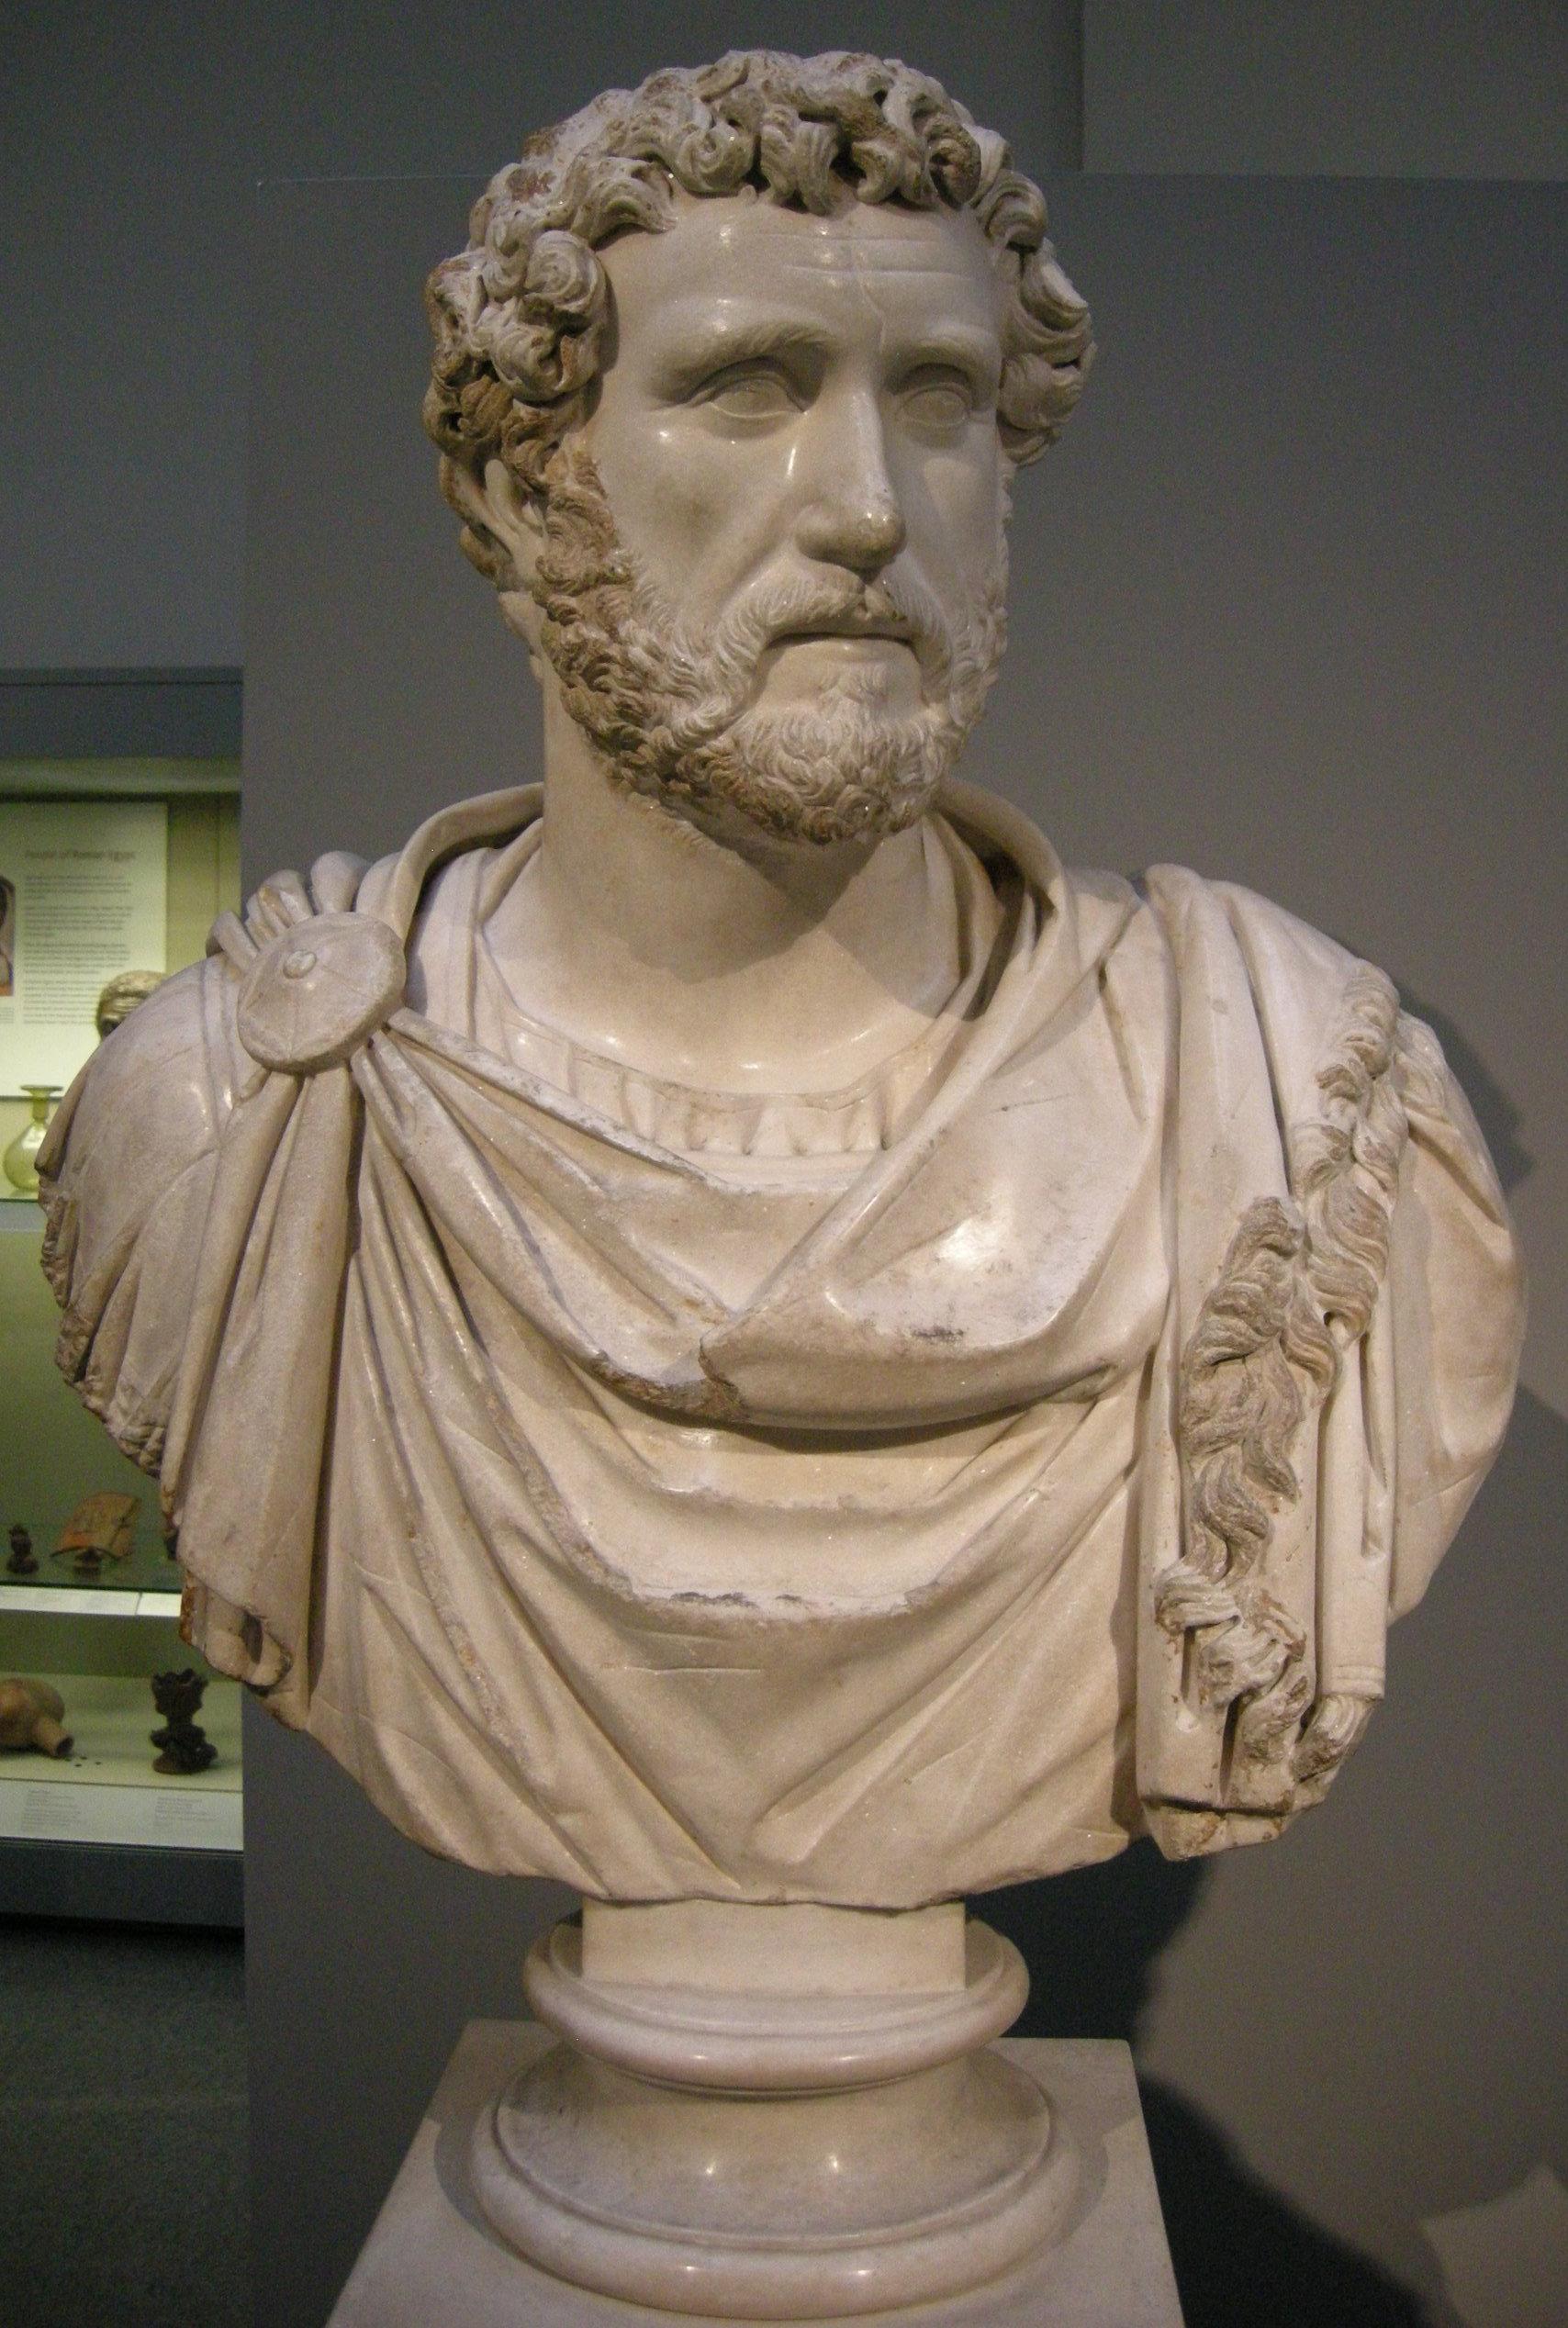 datei arte romana busto di antonino pio da cirene libia 140 circa jpg wikipedia. Black Bedroom Furniture Sets. Home Design Ideas